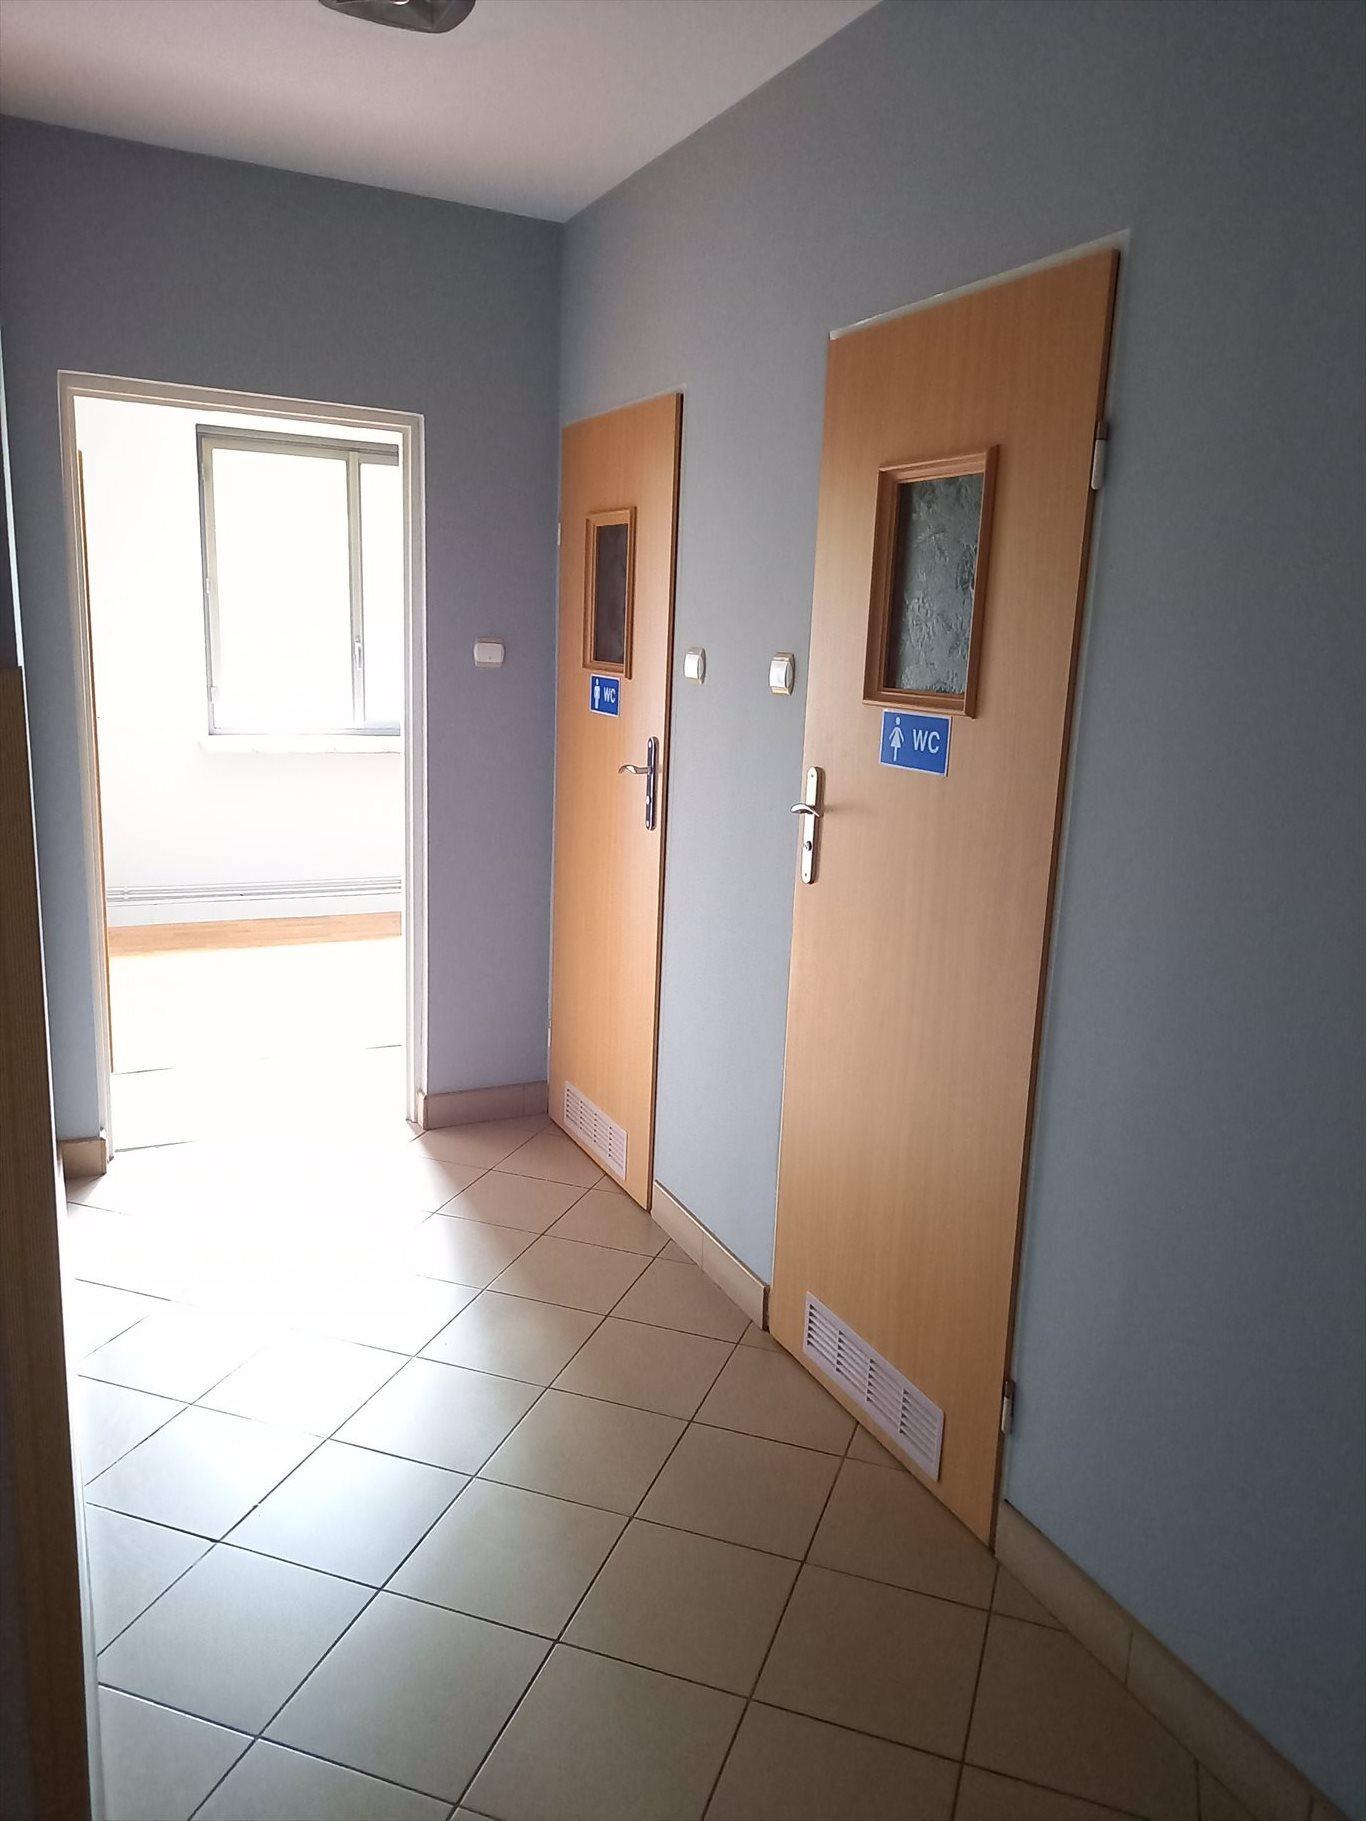 Lokal użytkowy na sprzedaż Stalowa Wola, Centrum, Popiełuszki  229m2 Foto 8